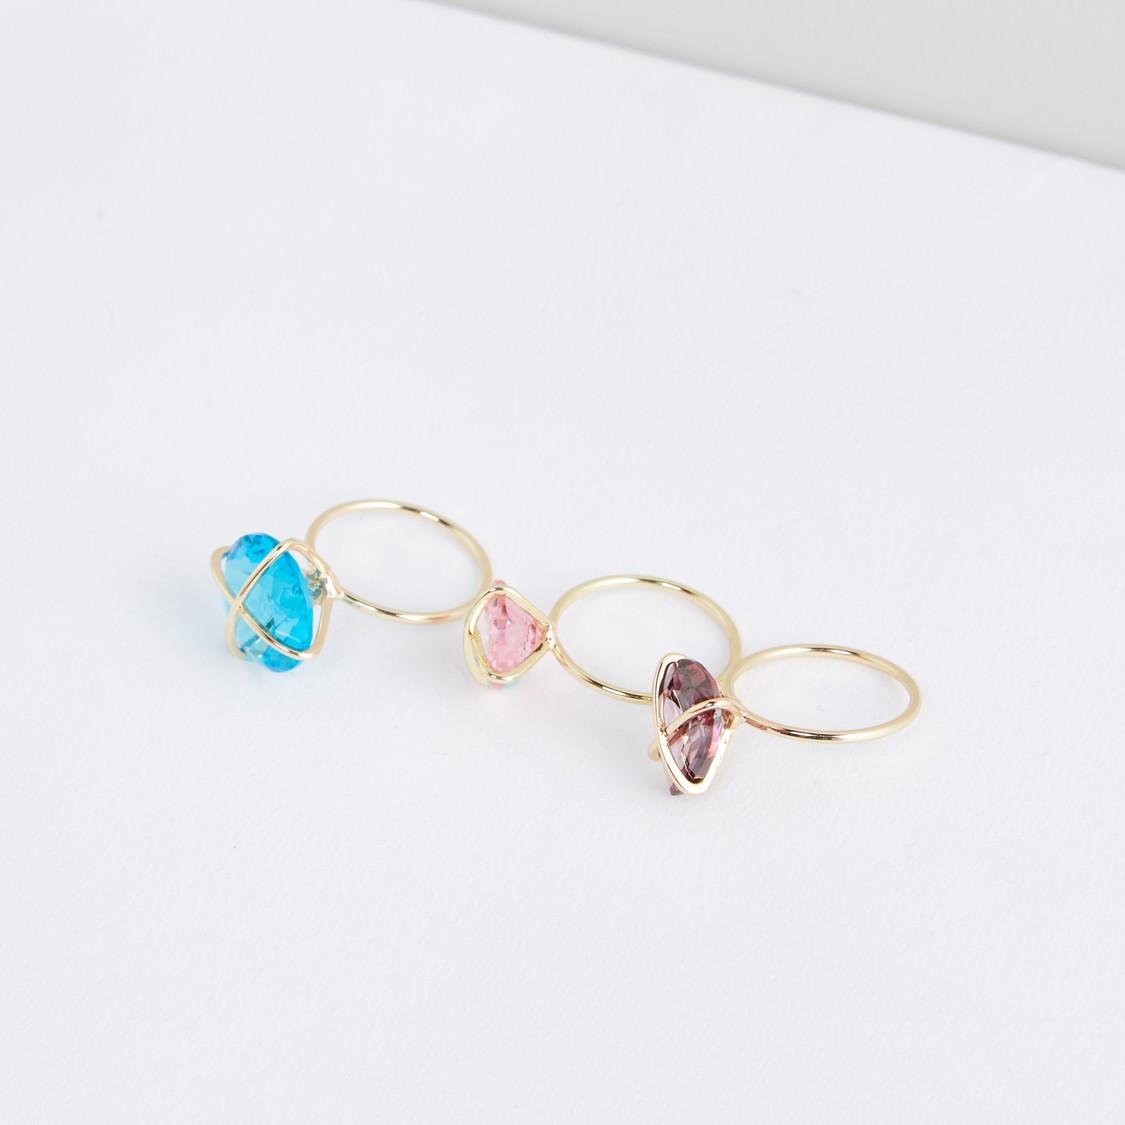 Studded Finger Ring - Set of 3